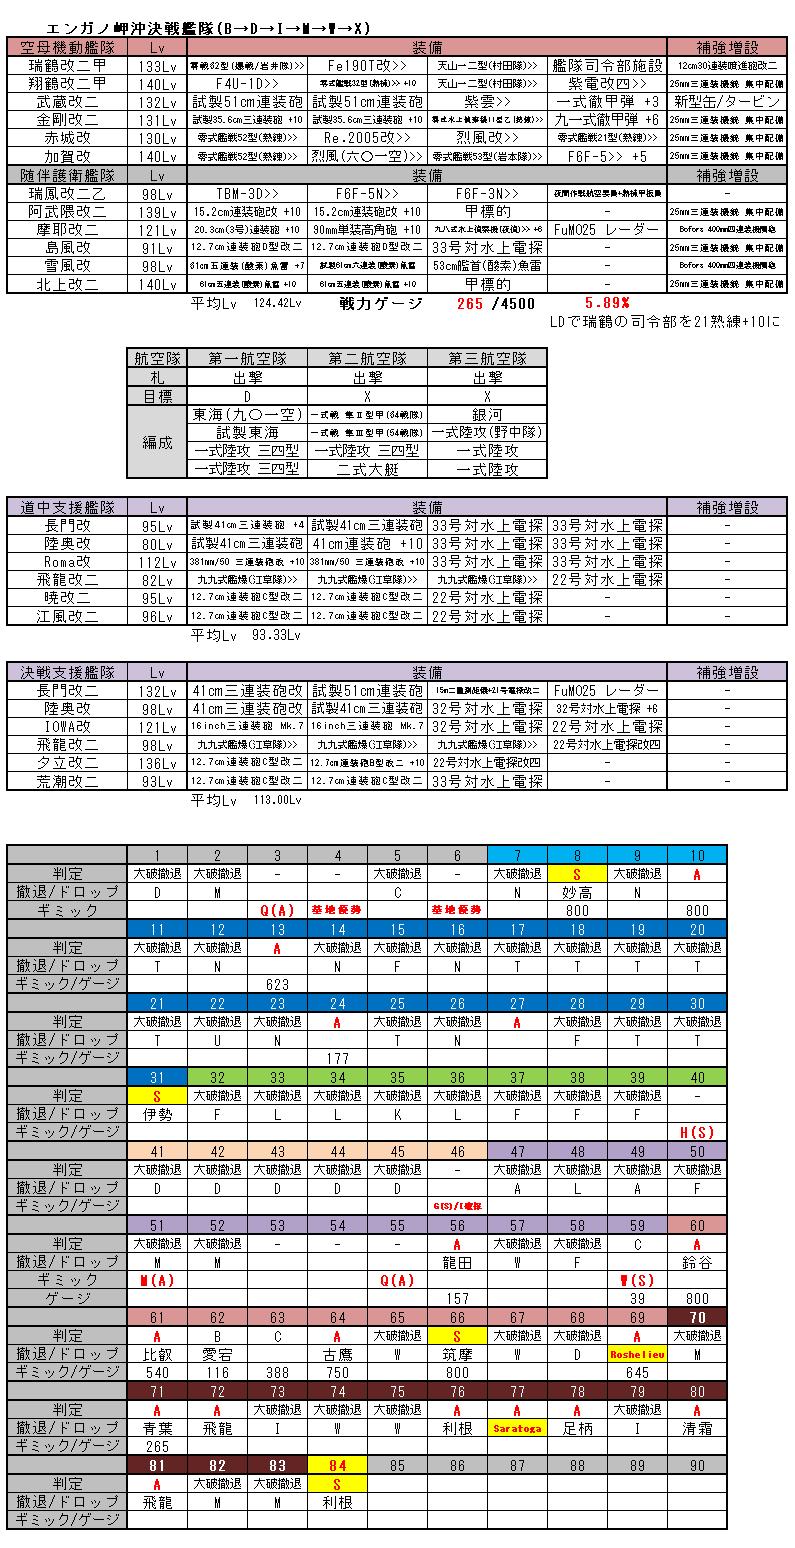 201802 E-7甲 リザルト02